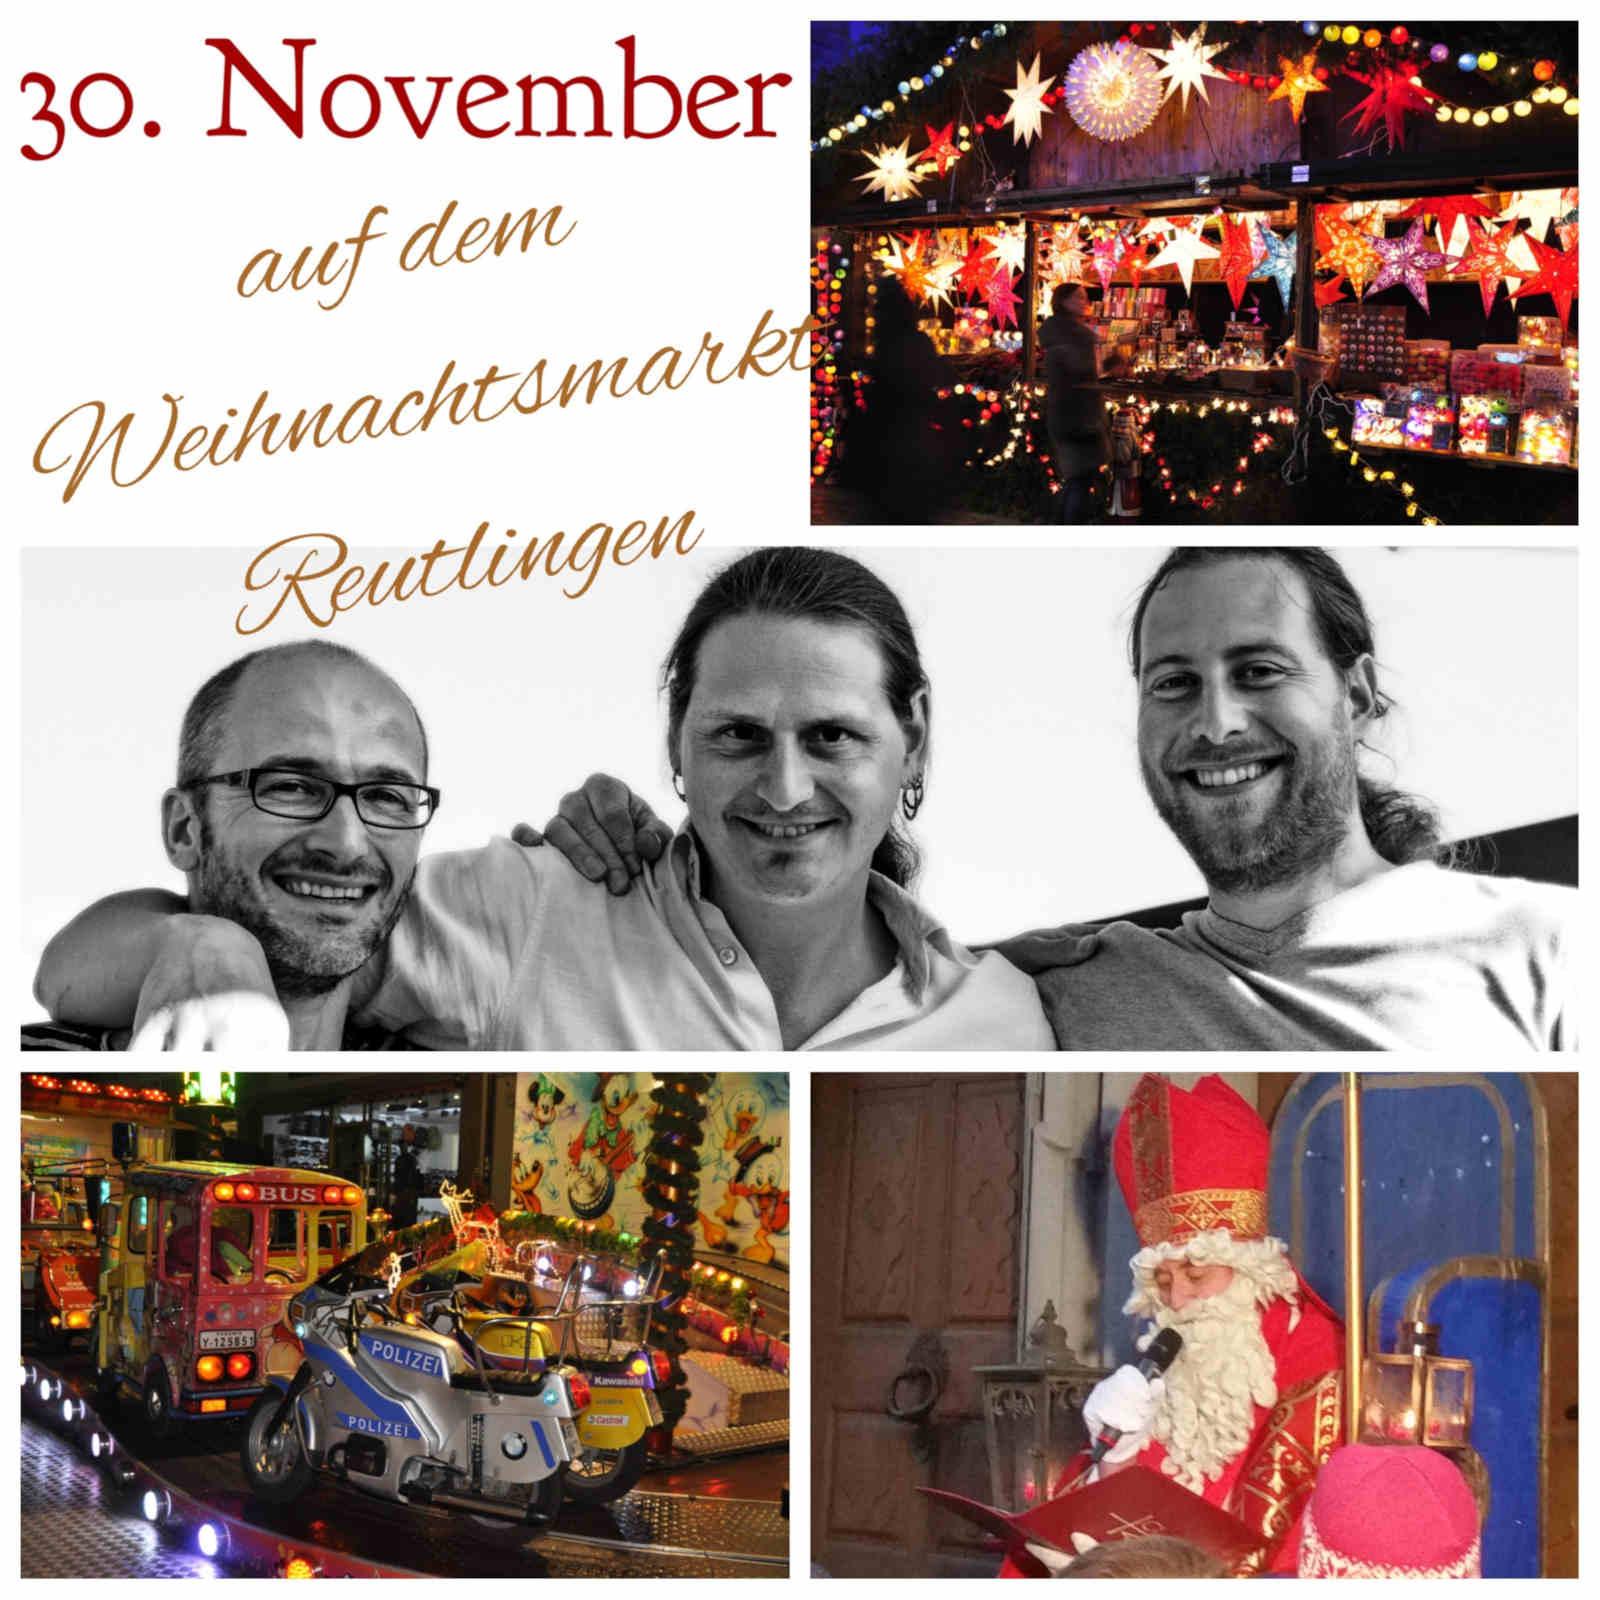 hören am 30.11.2018 auf dem Weihnachtsmarkt Reutlingen